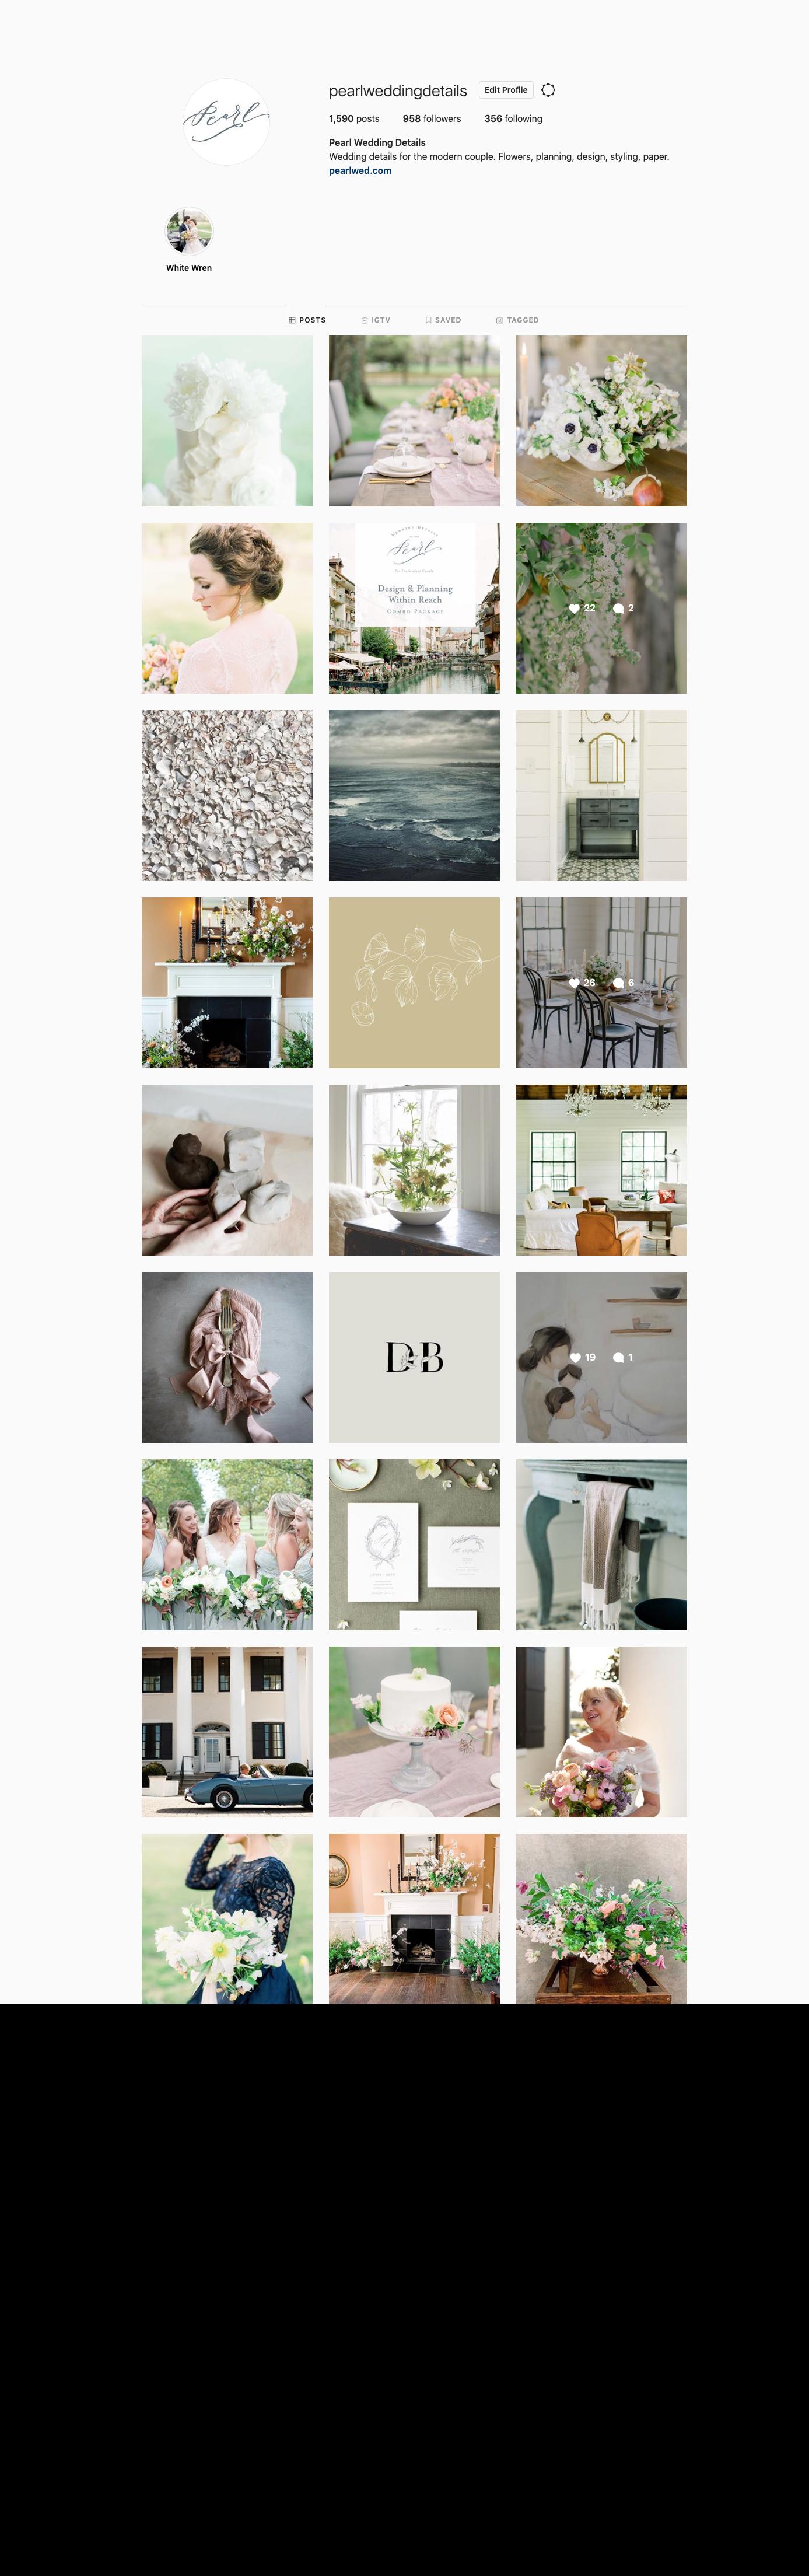 FireShot Capture 028 - Pearl Wedding Details (@pearlweddingdetails) • Instagram photos and v_ - www.instagram.com.png